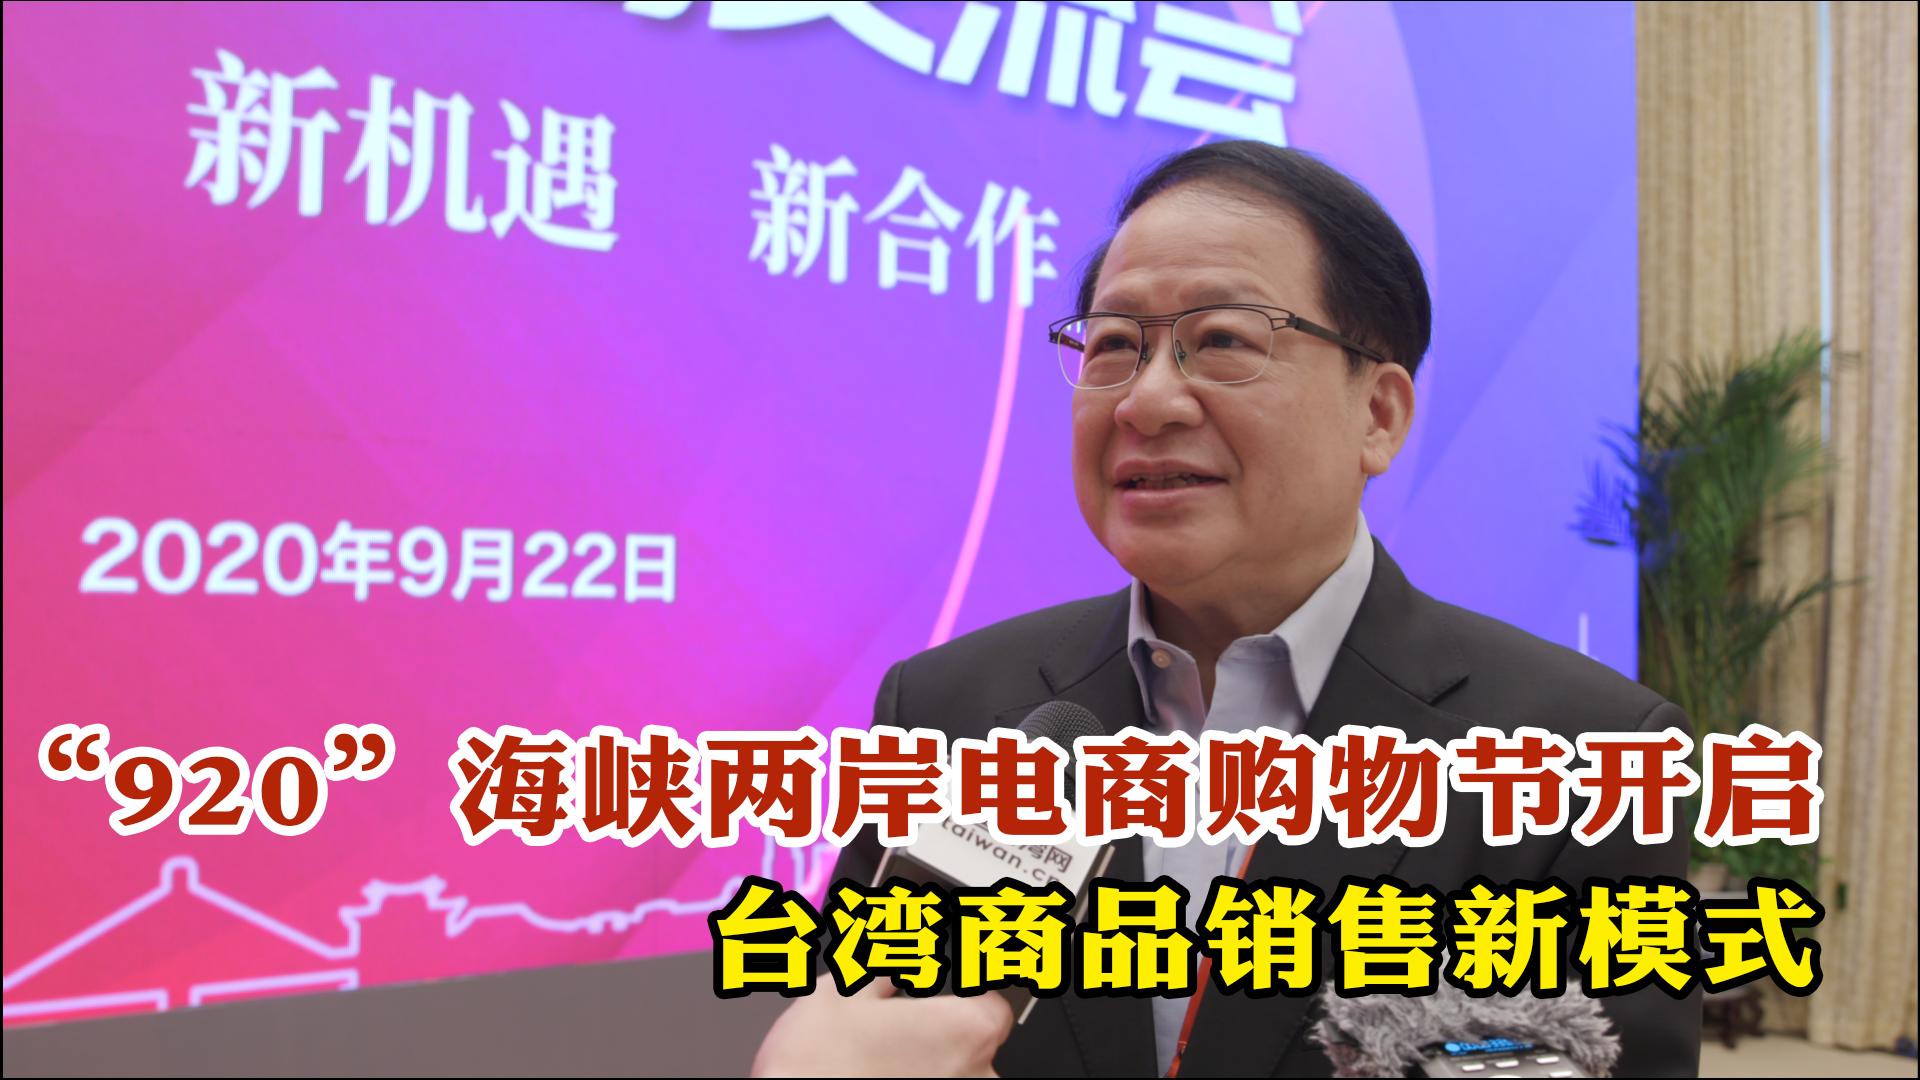 """丁鯤華:""""920""""海峽兩岸購物節開啟臺灣商品銷售新模式圖片"""